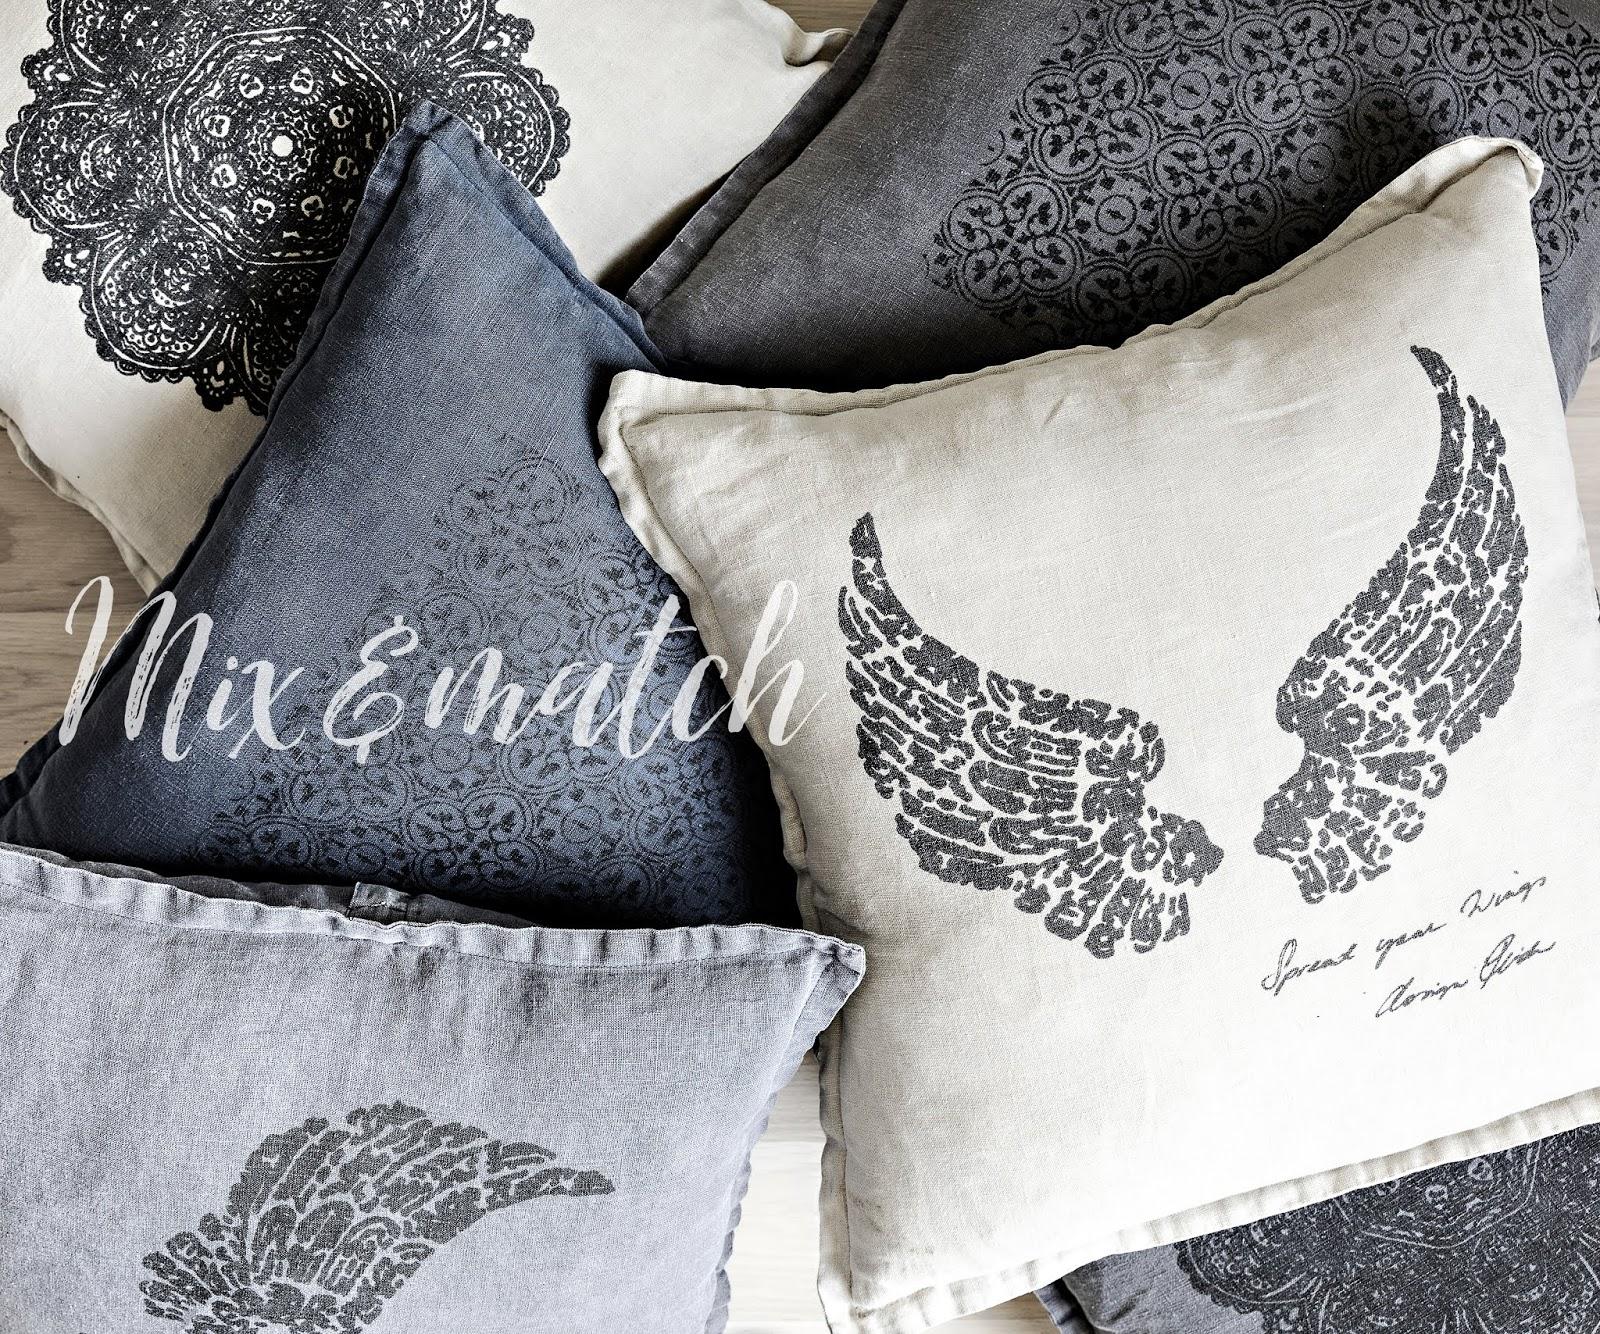 Pellava, pellavatyyny, linen, kodin tekstiili, sisustustyyny, tyyny, käsityö, käsin painettu, painotyö, kankaanpainanta